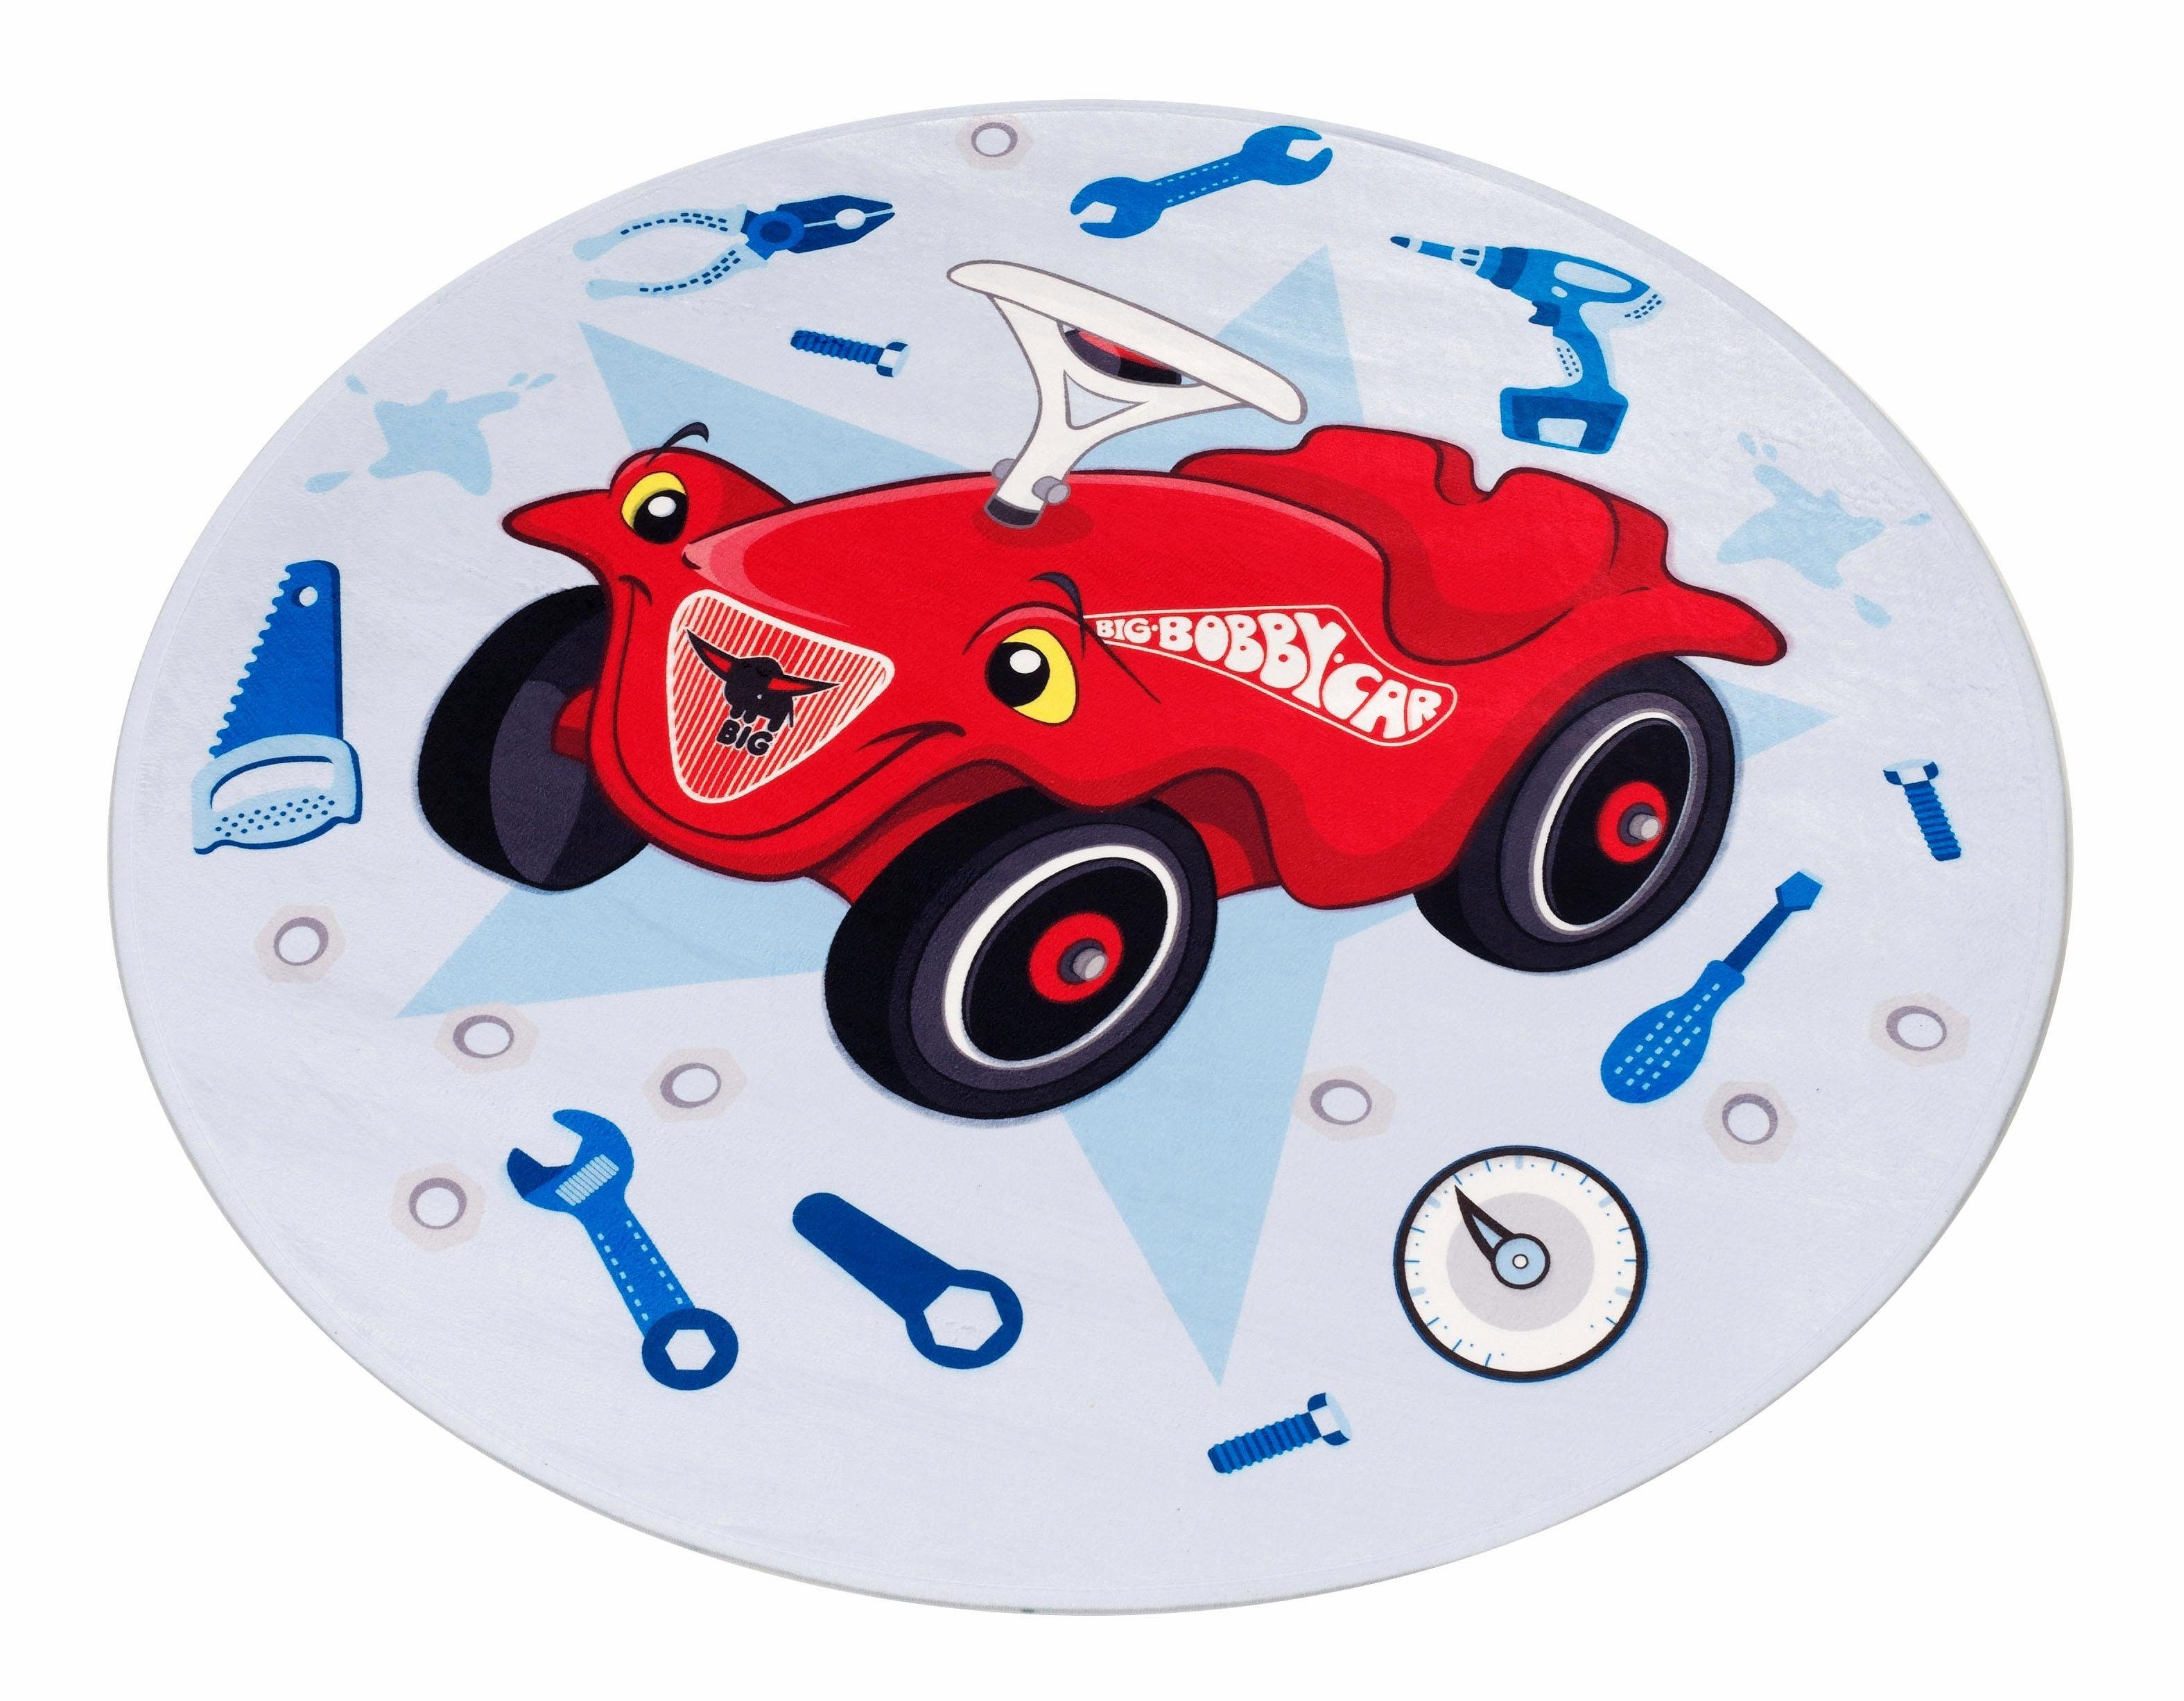 Rond Vloerkleed Kinderkamer : Vloerkleed voor de kinderkamer bobby car « bobby car rond